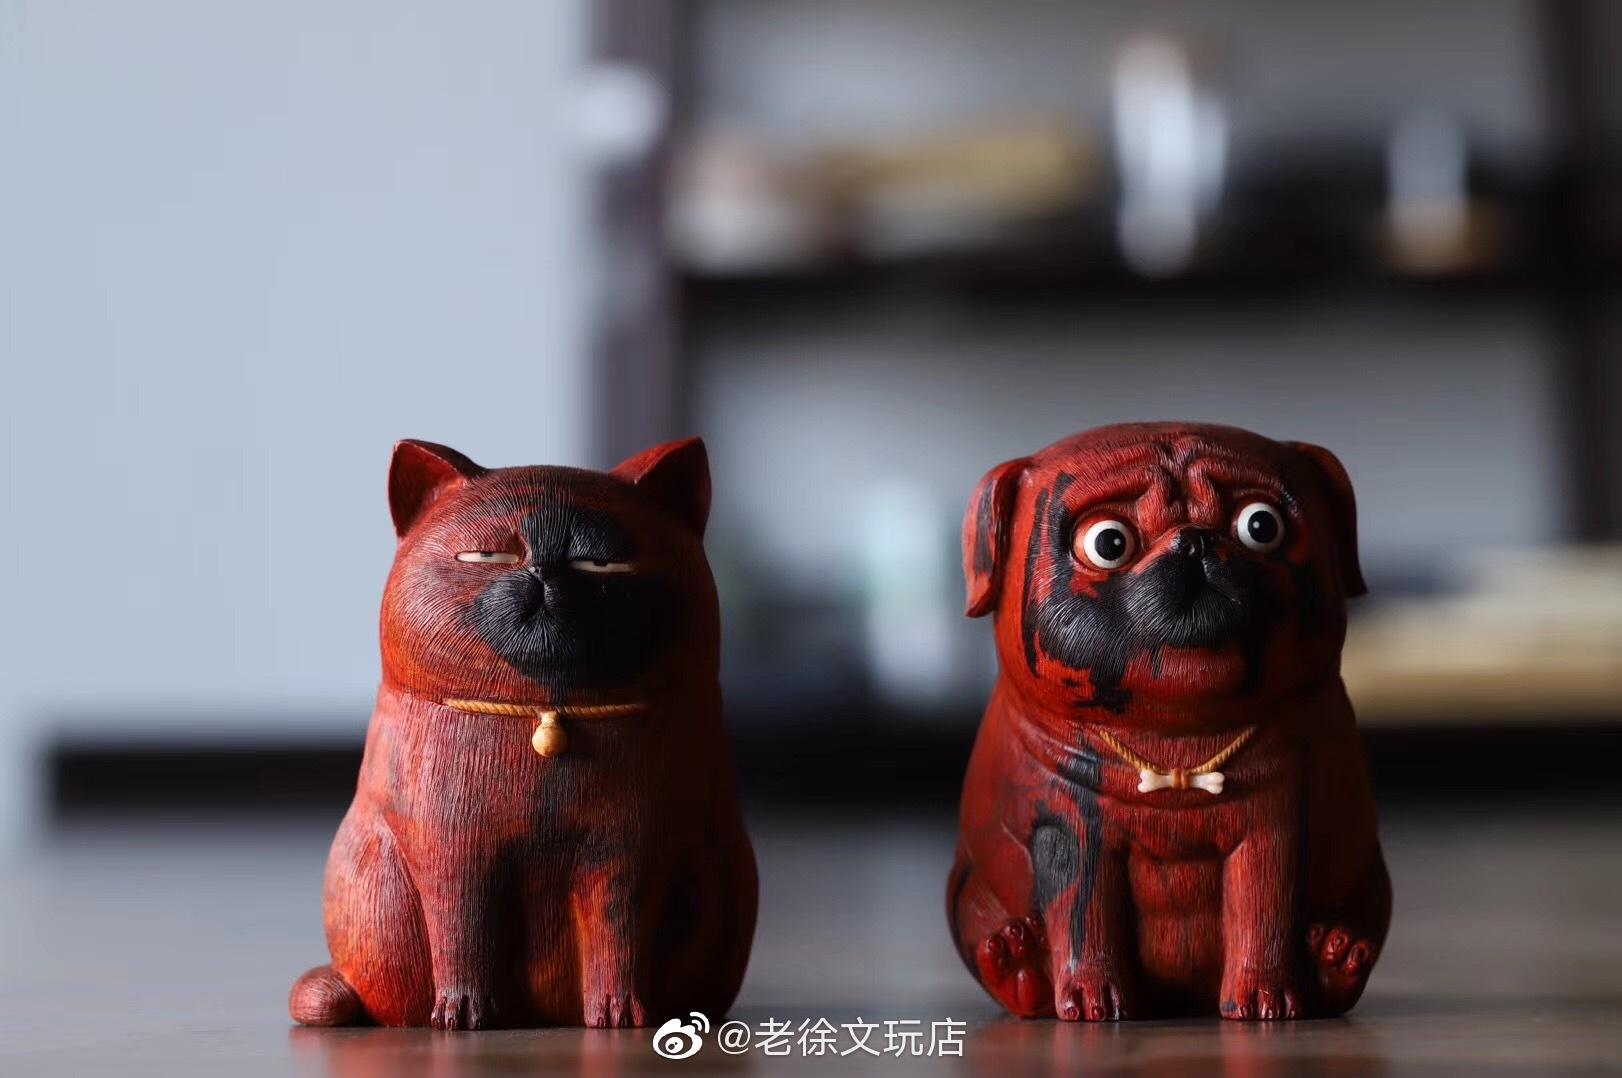 猫狗双全才是完美人生呐! @微博收藏